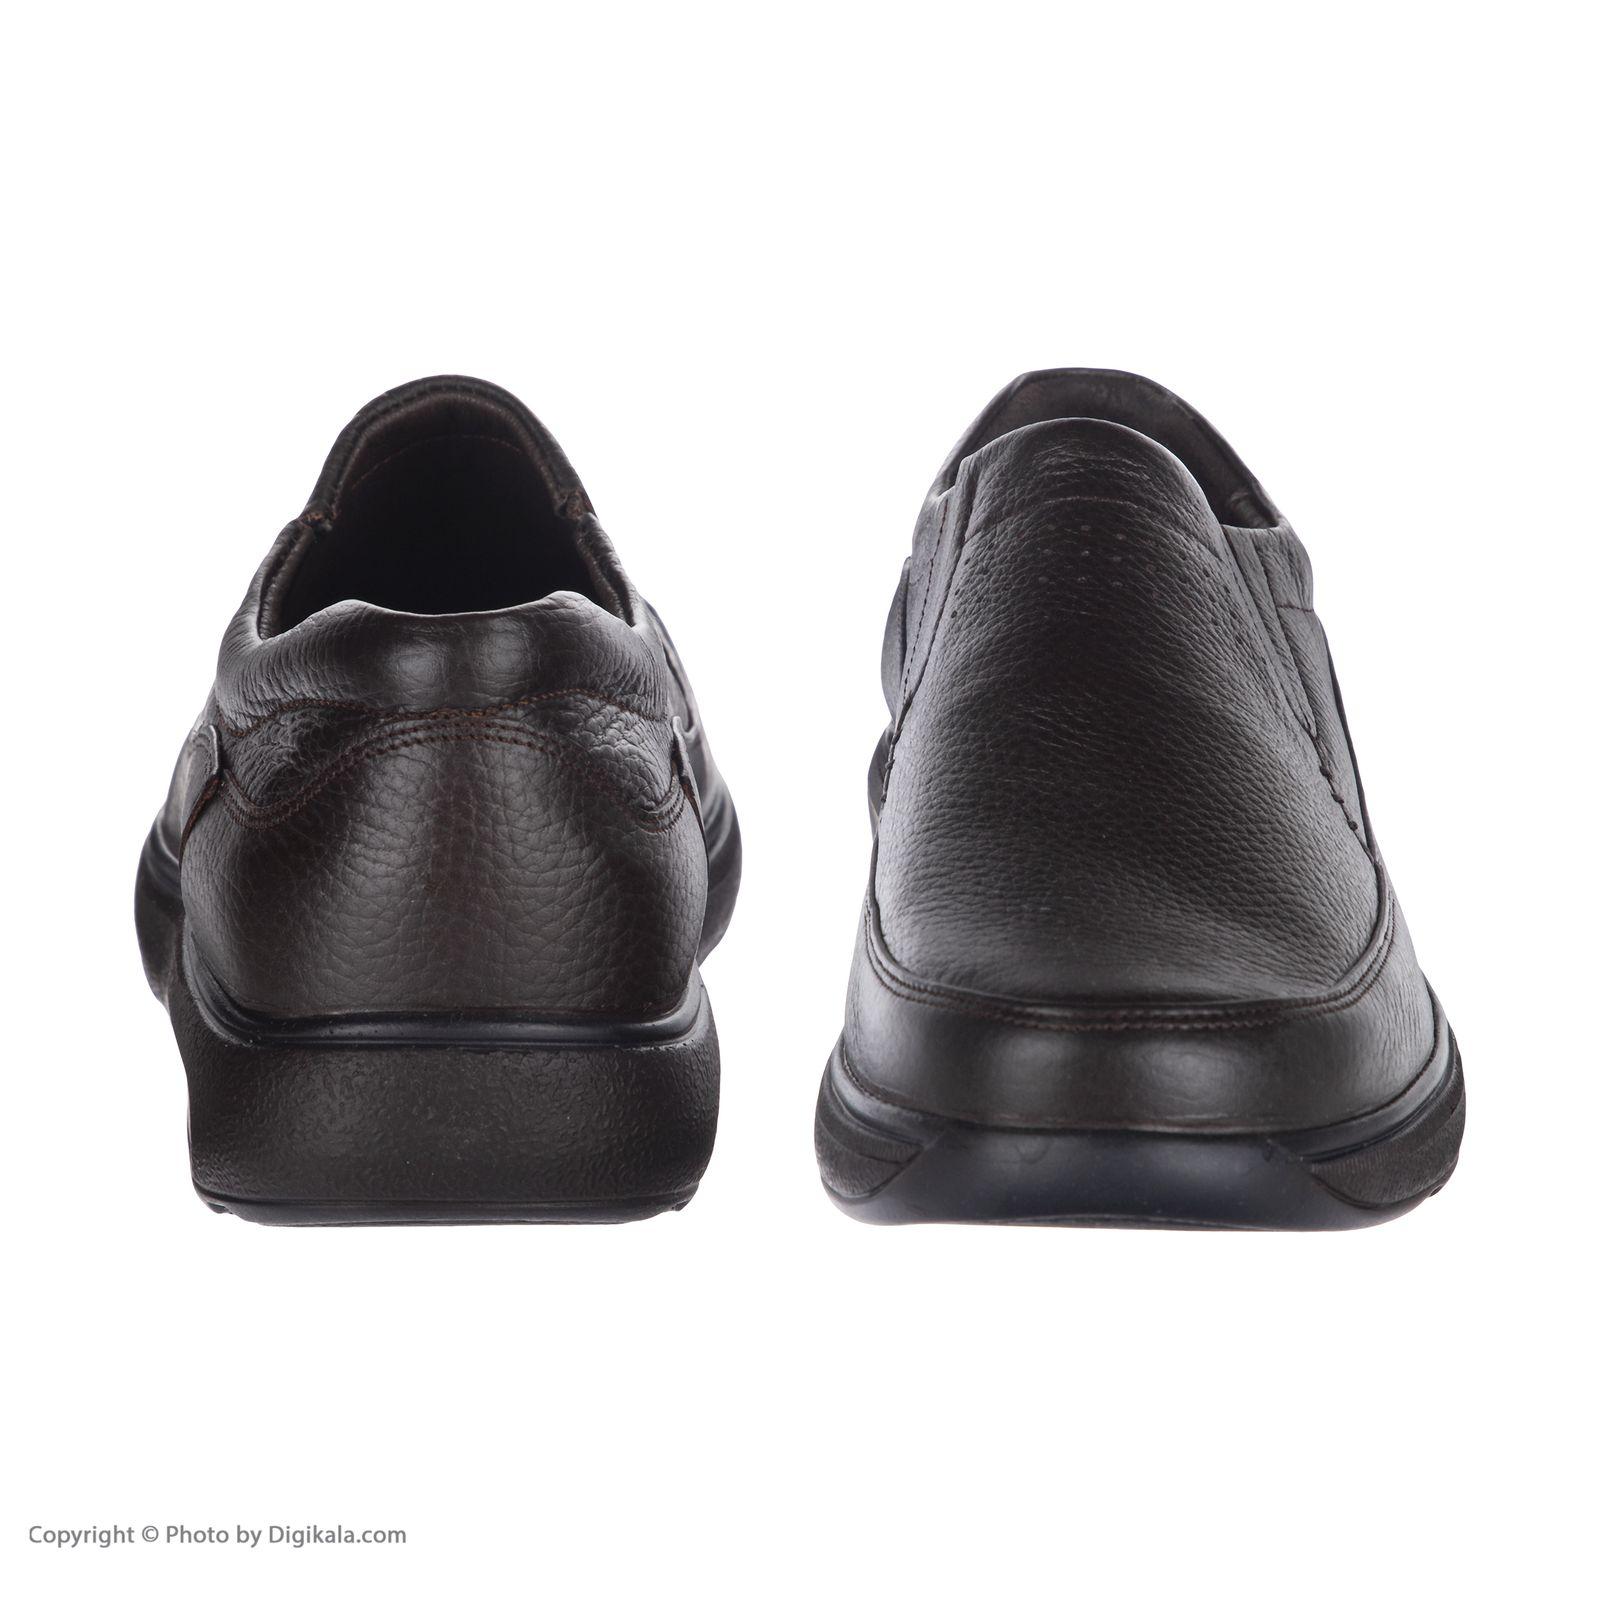 کفش روزمره مردانه دانادل مدل 8605A503104 -  - 4